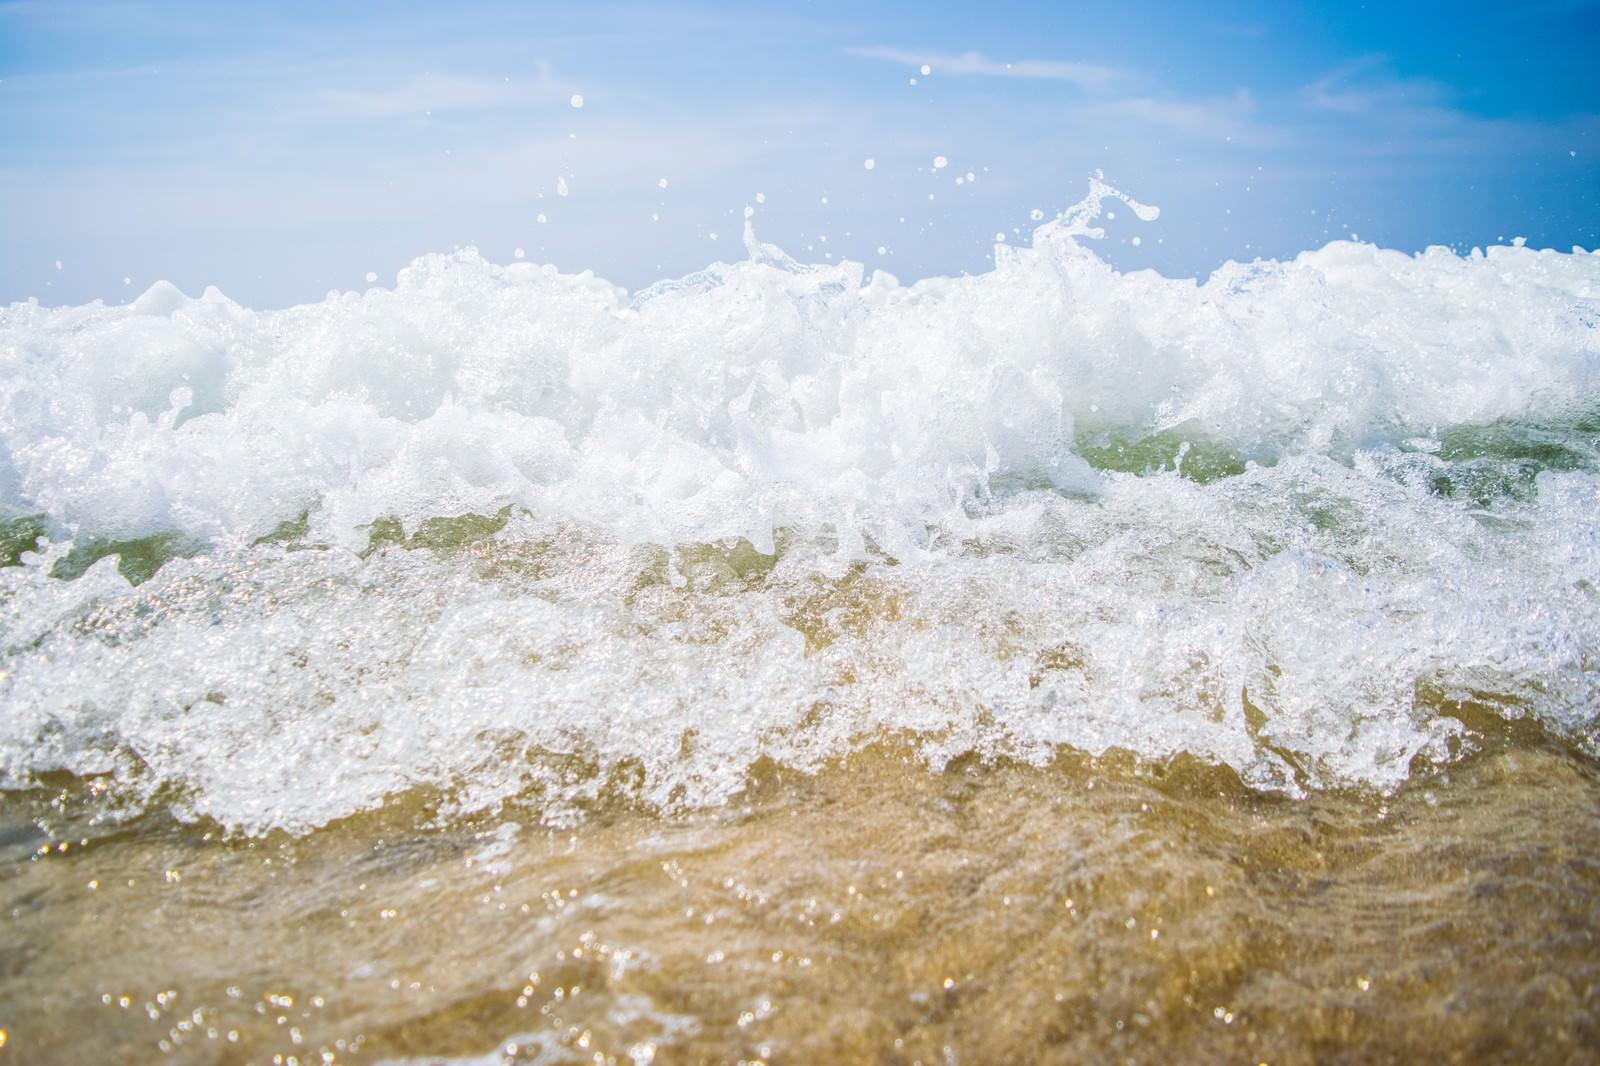 「波打ち際と波しぶき | 写真の無料素材・フリー素材 - ぱくたそ」の写真